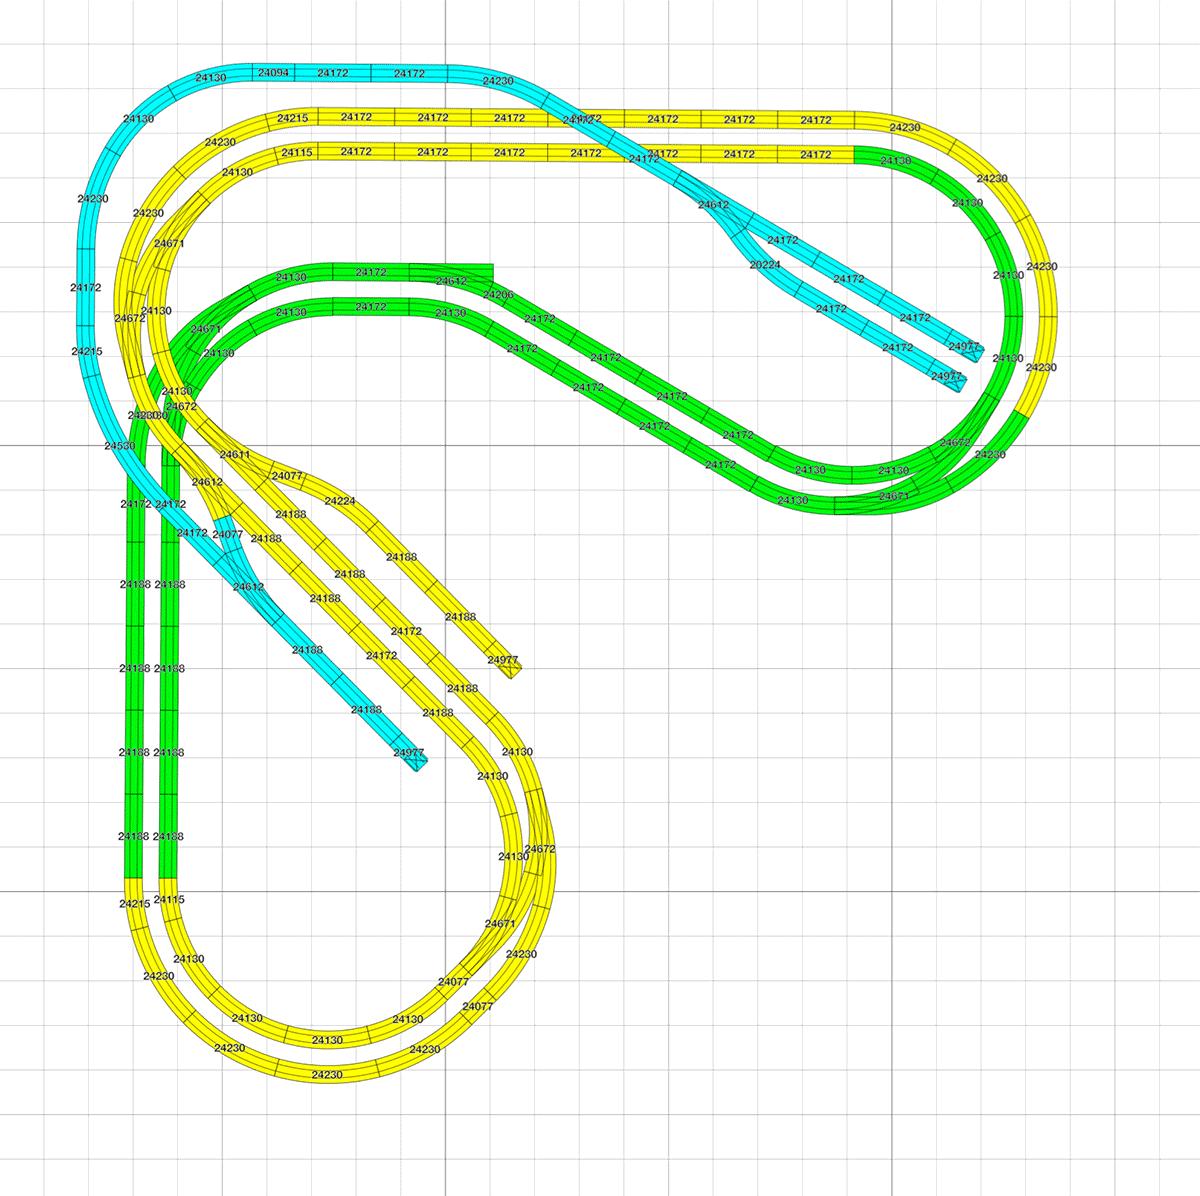 Kleiner H0 Gleisplan mit Pendelstreckein L Form ca. 2,4 x 2,5 m 1